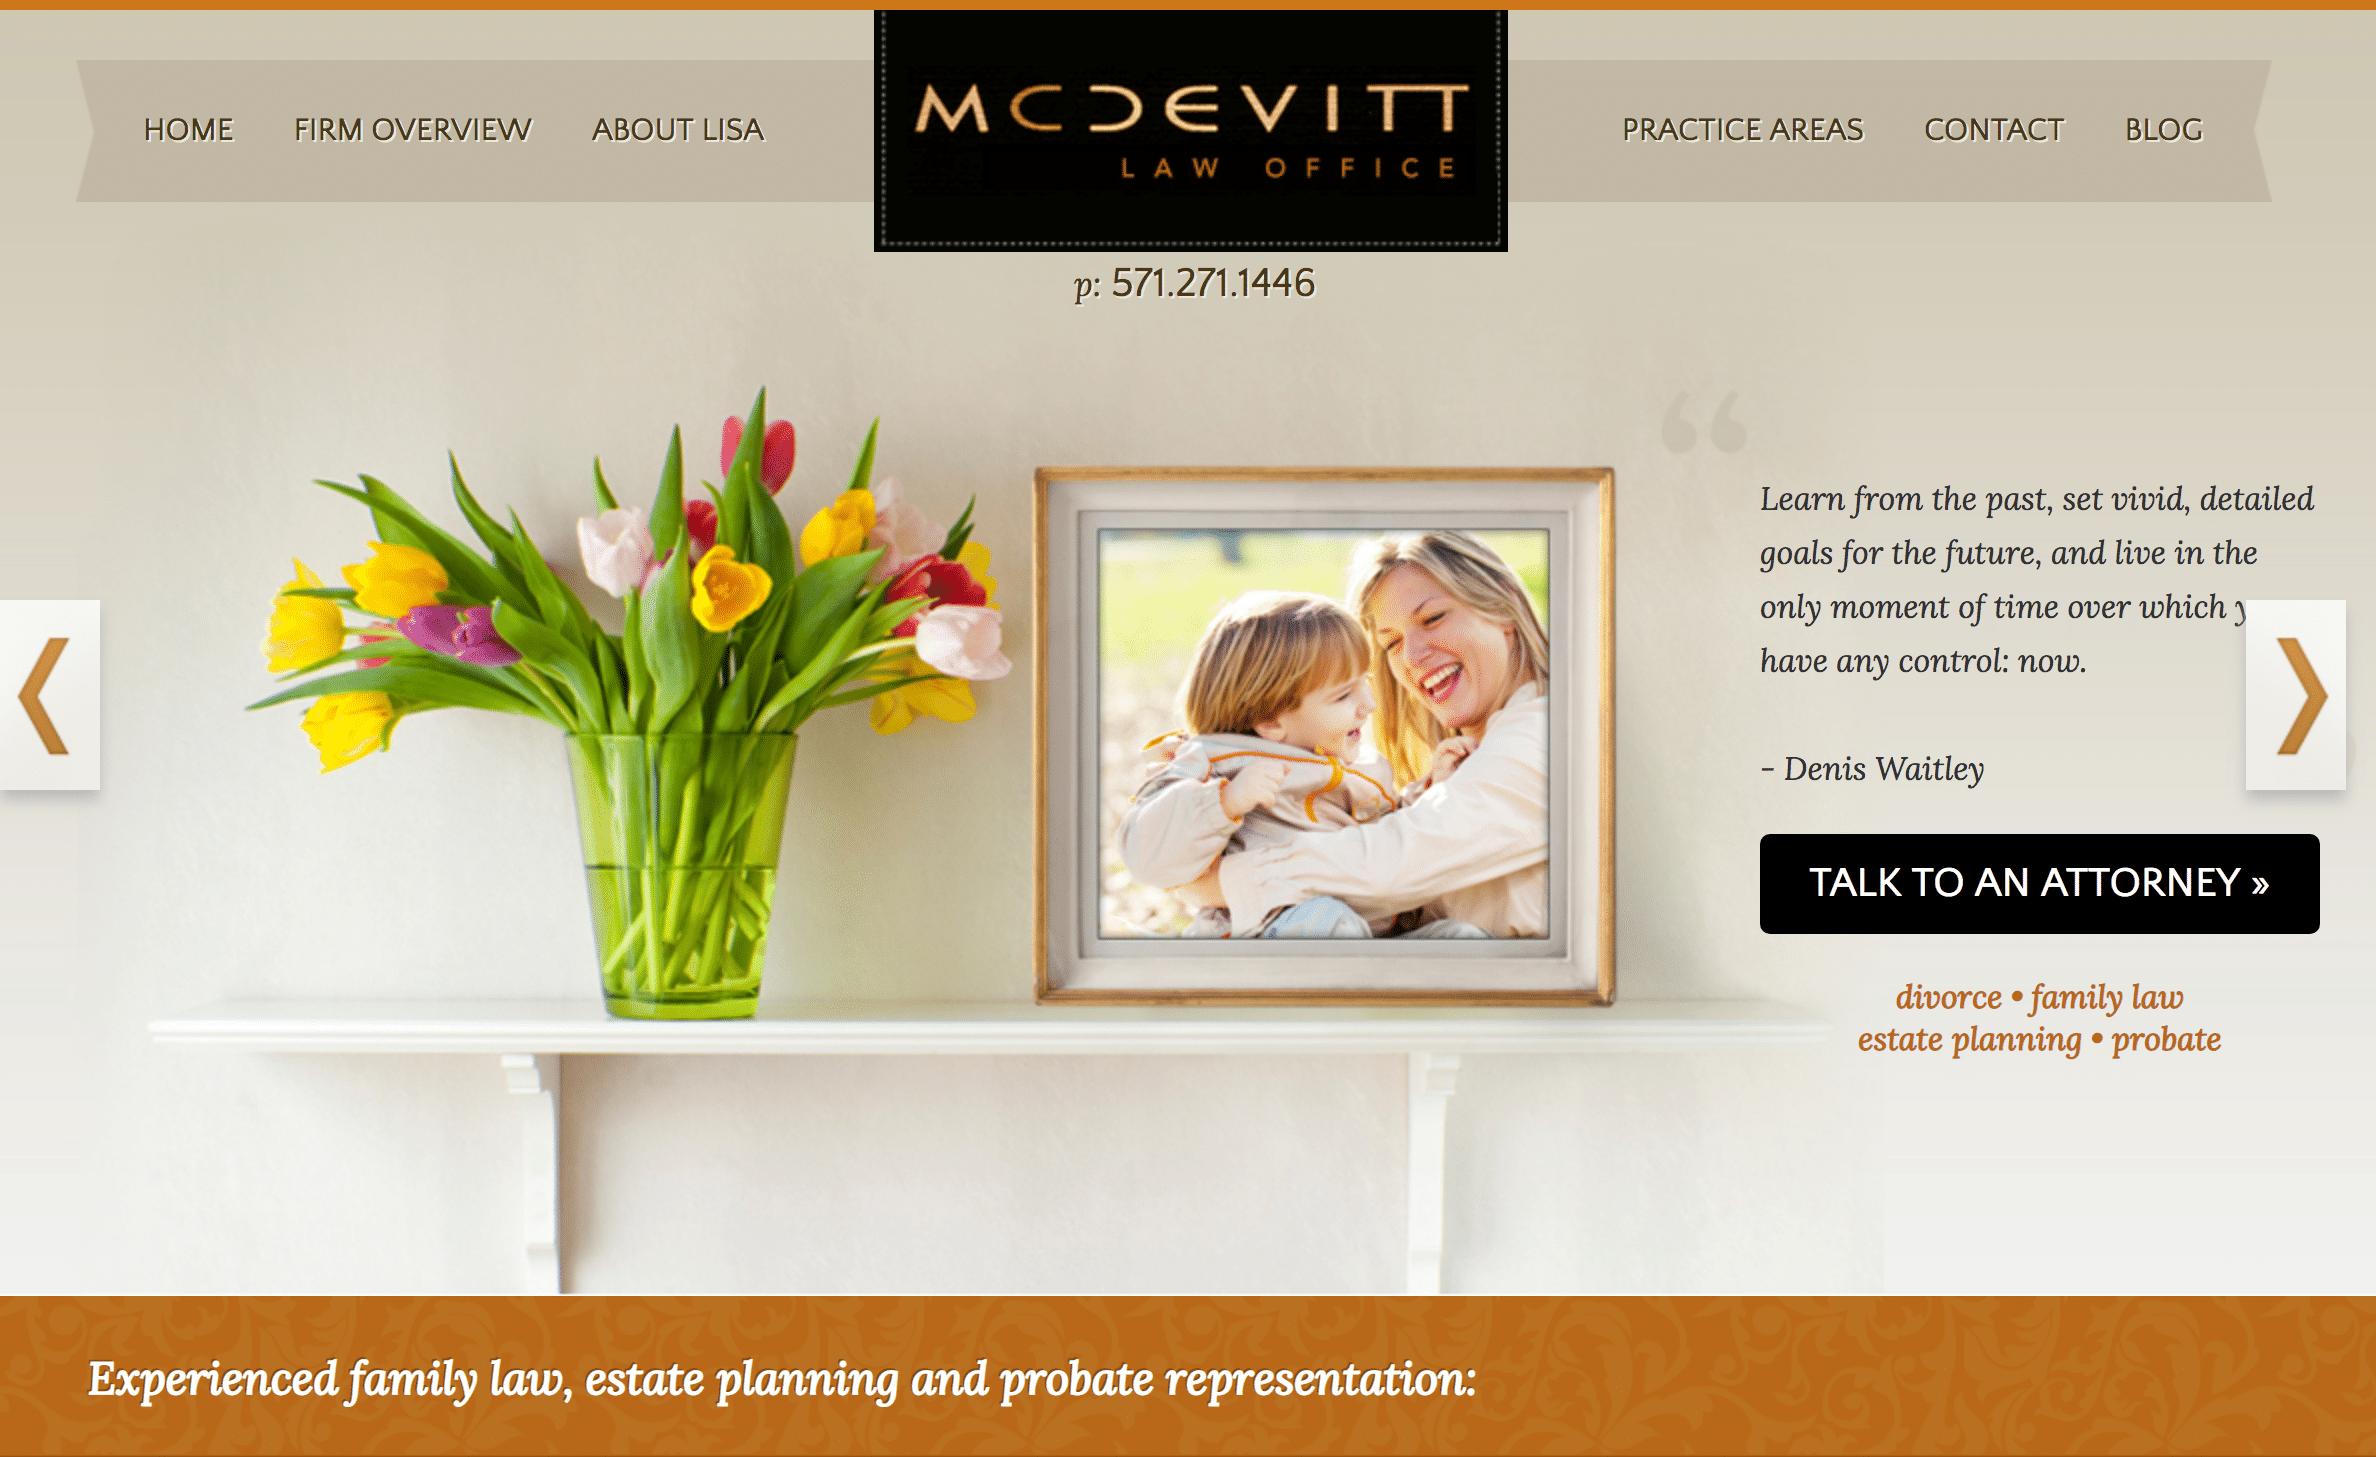 McDevitt Law Office